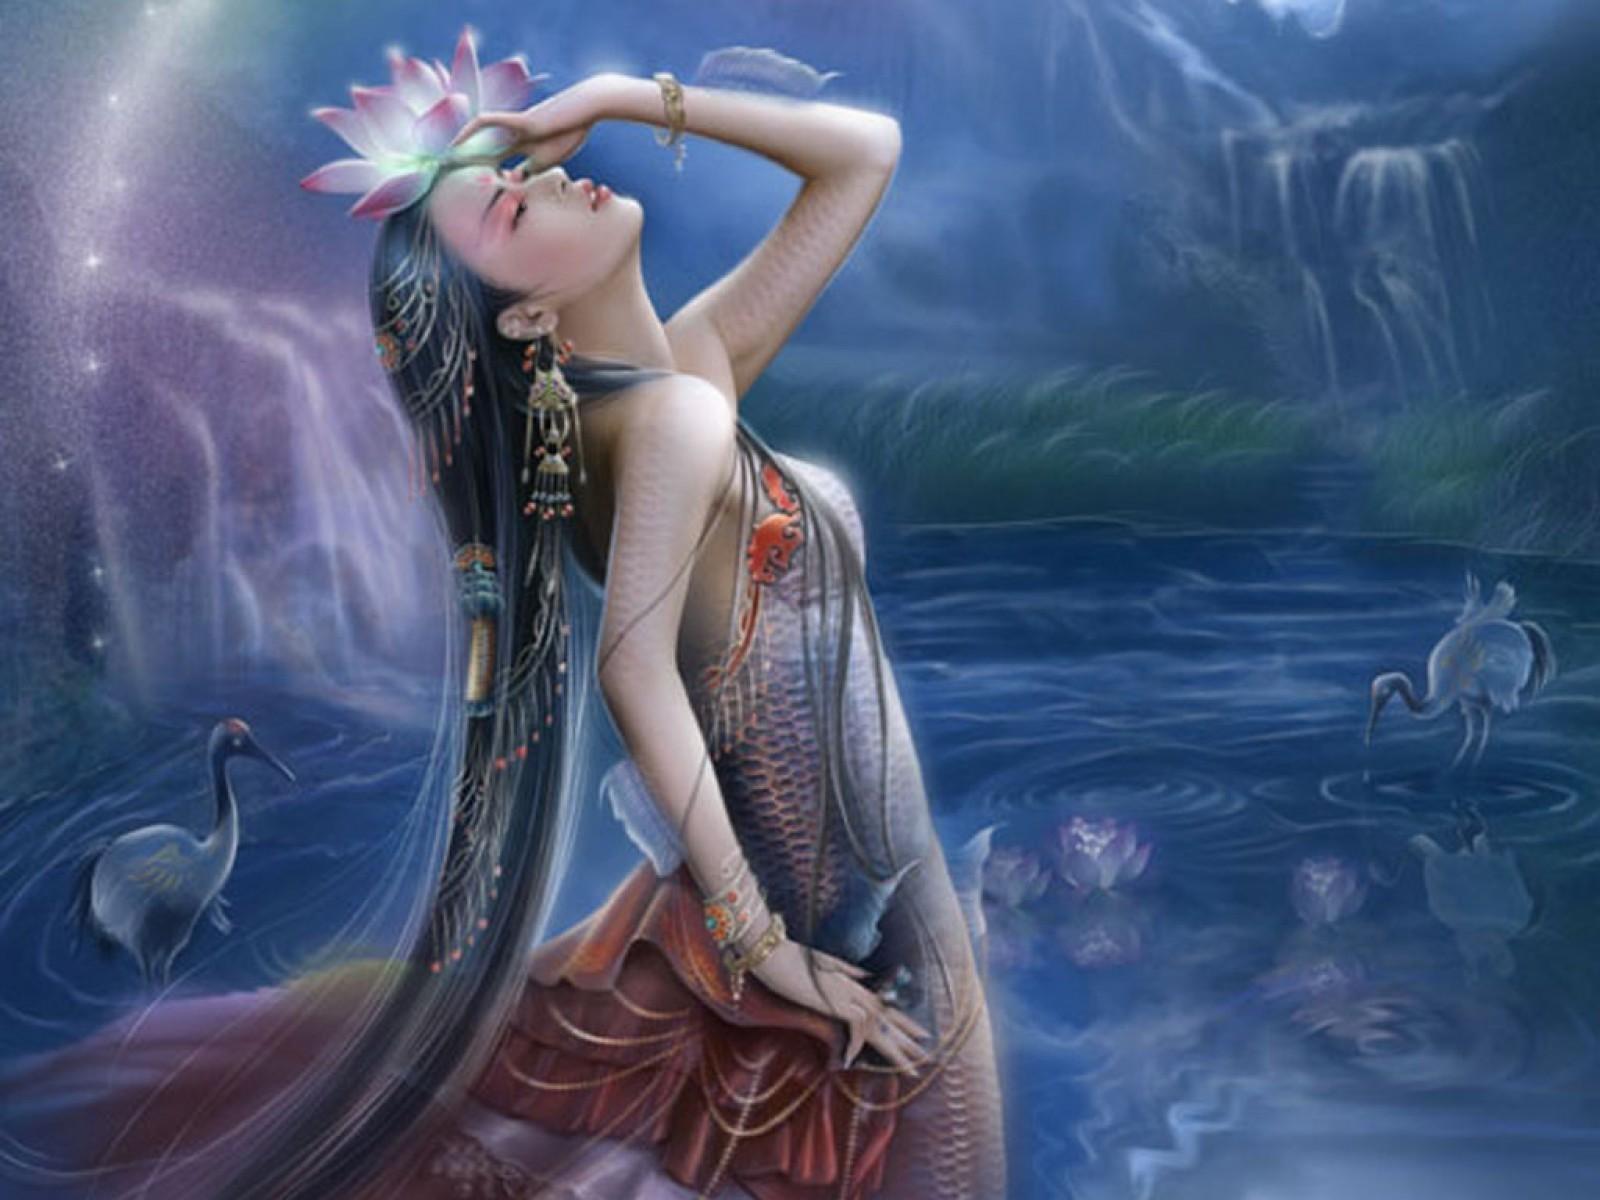 Erotic mythical fantasy art